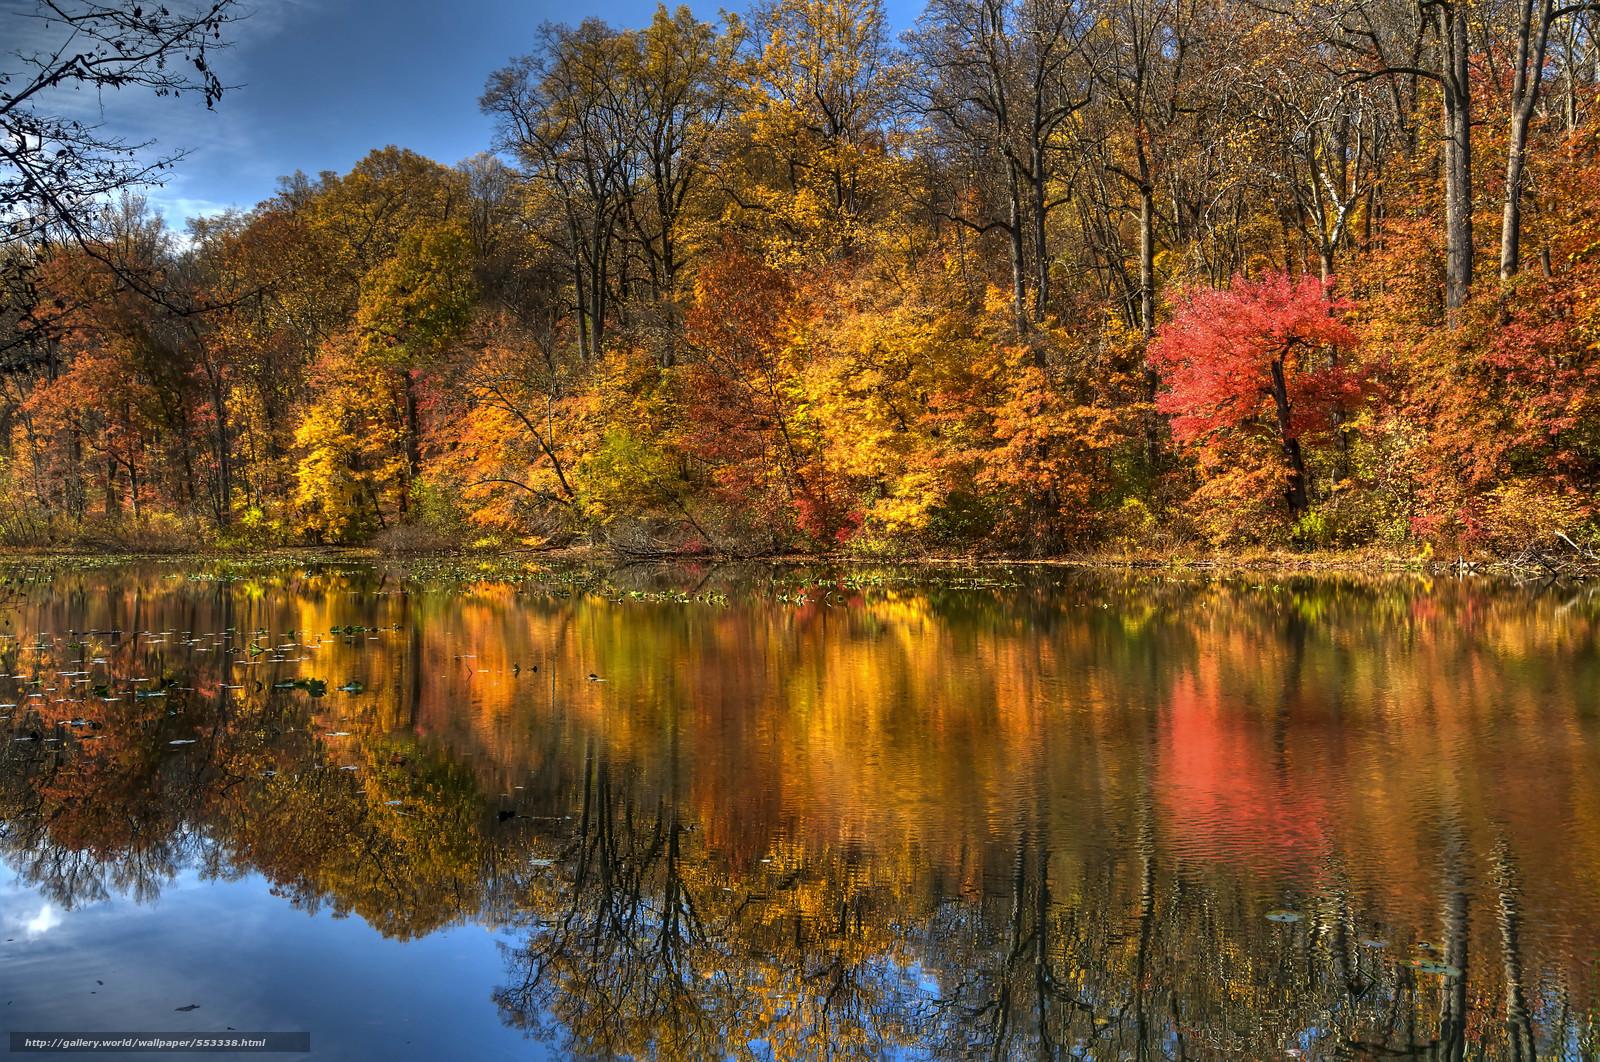 tlcharger fond d 39 ecran automne lac arbres paysage fonds d 39 ecran gratuits pour votre rsolution. Black Bedroom Furniture Sets. Home Design Ideas